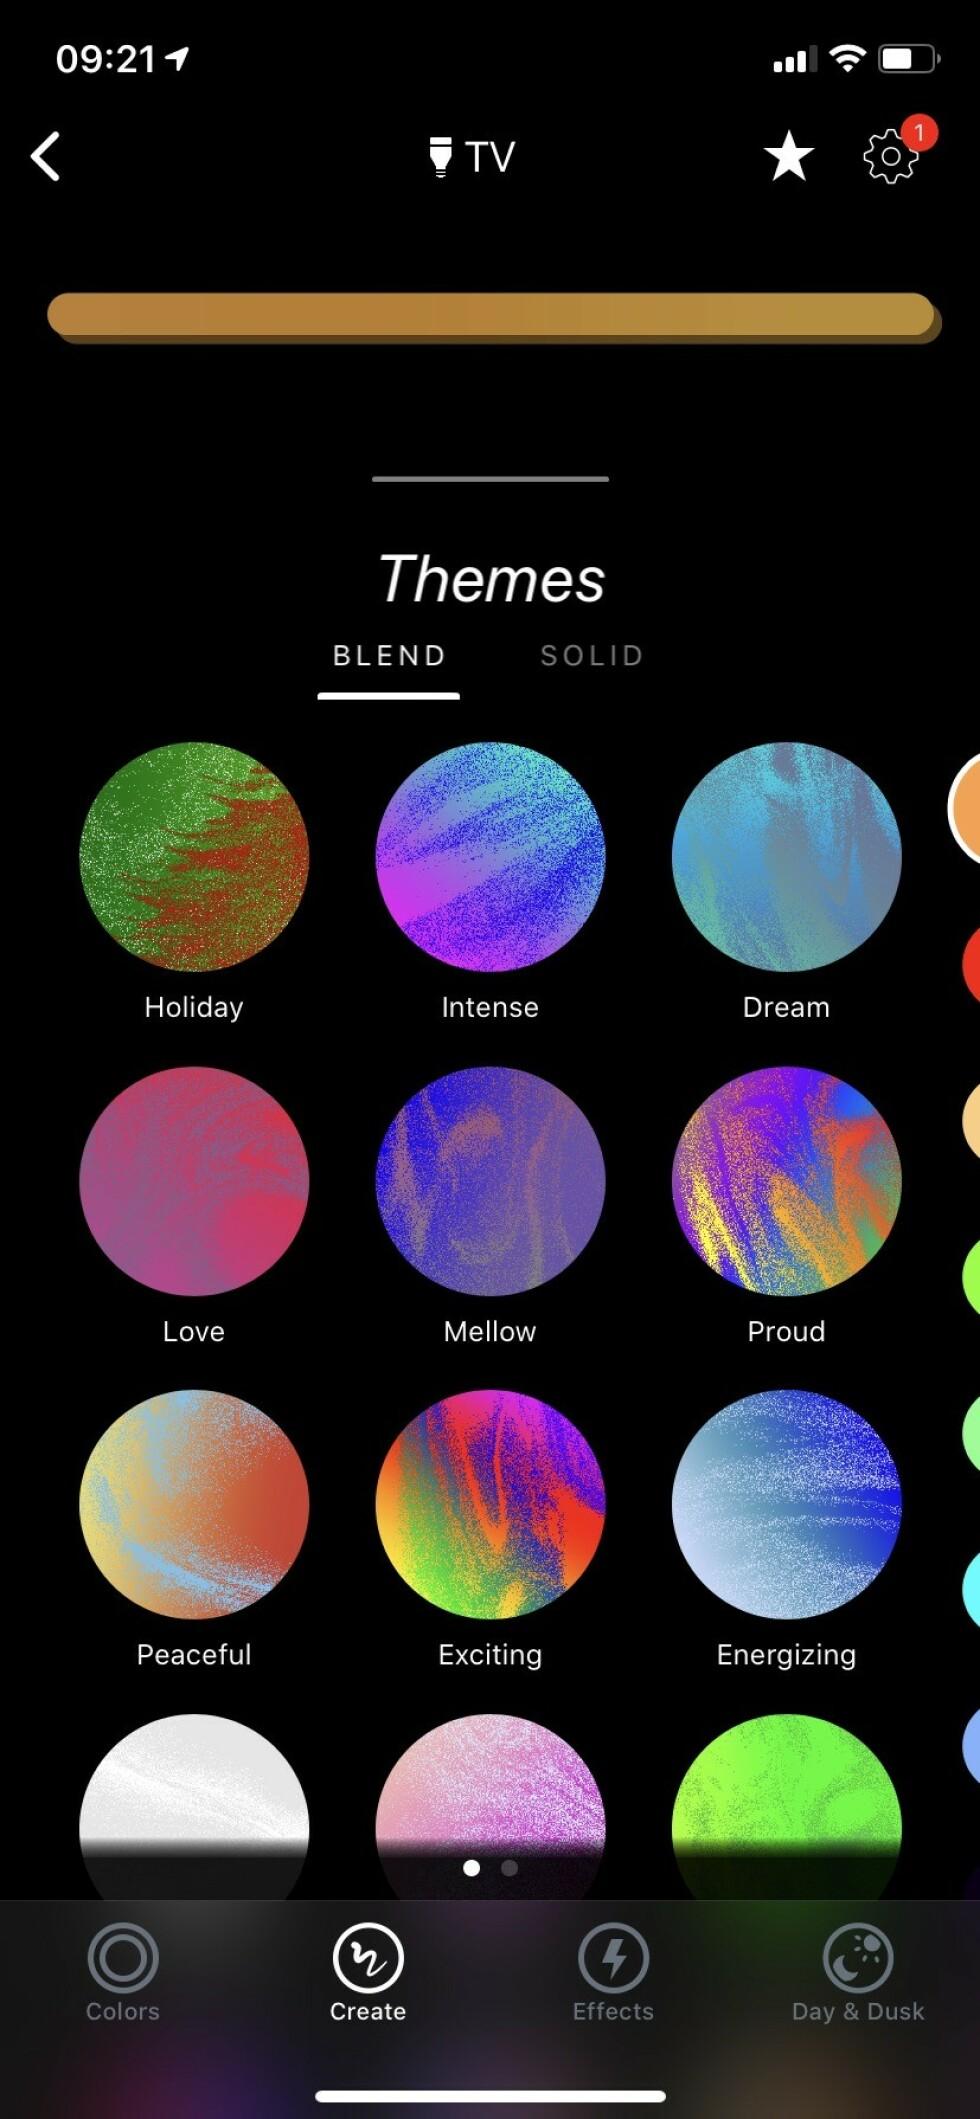 SETT OPP SELV: Ved å trykke på «Create» kan du velge forhåndsinnstilte fargekombinasjoner eller lage dine egne. Foto: Øystein B. Fossum